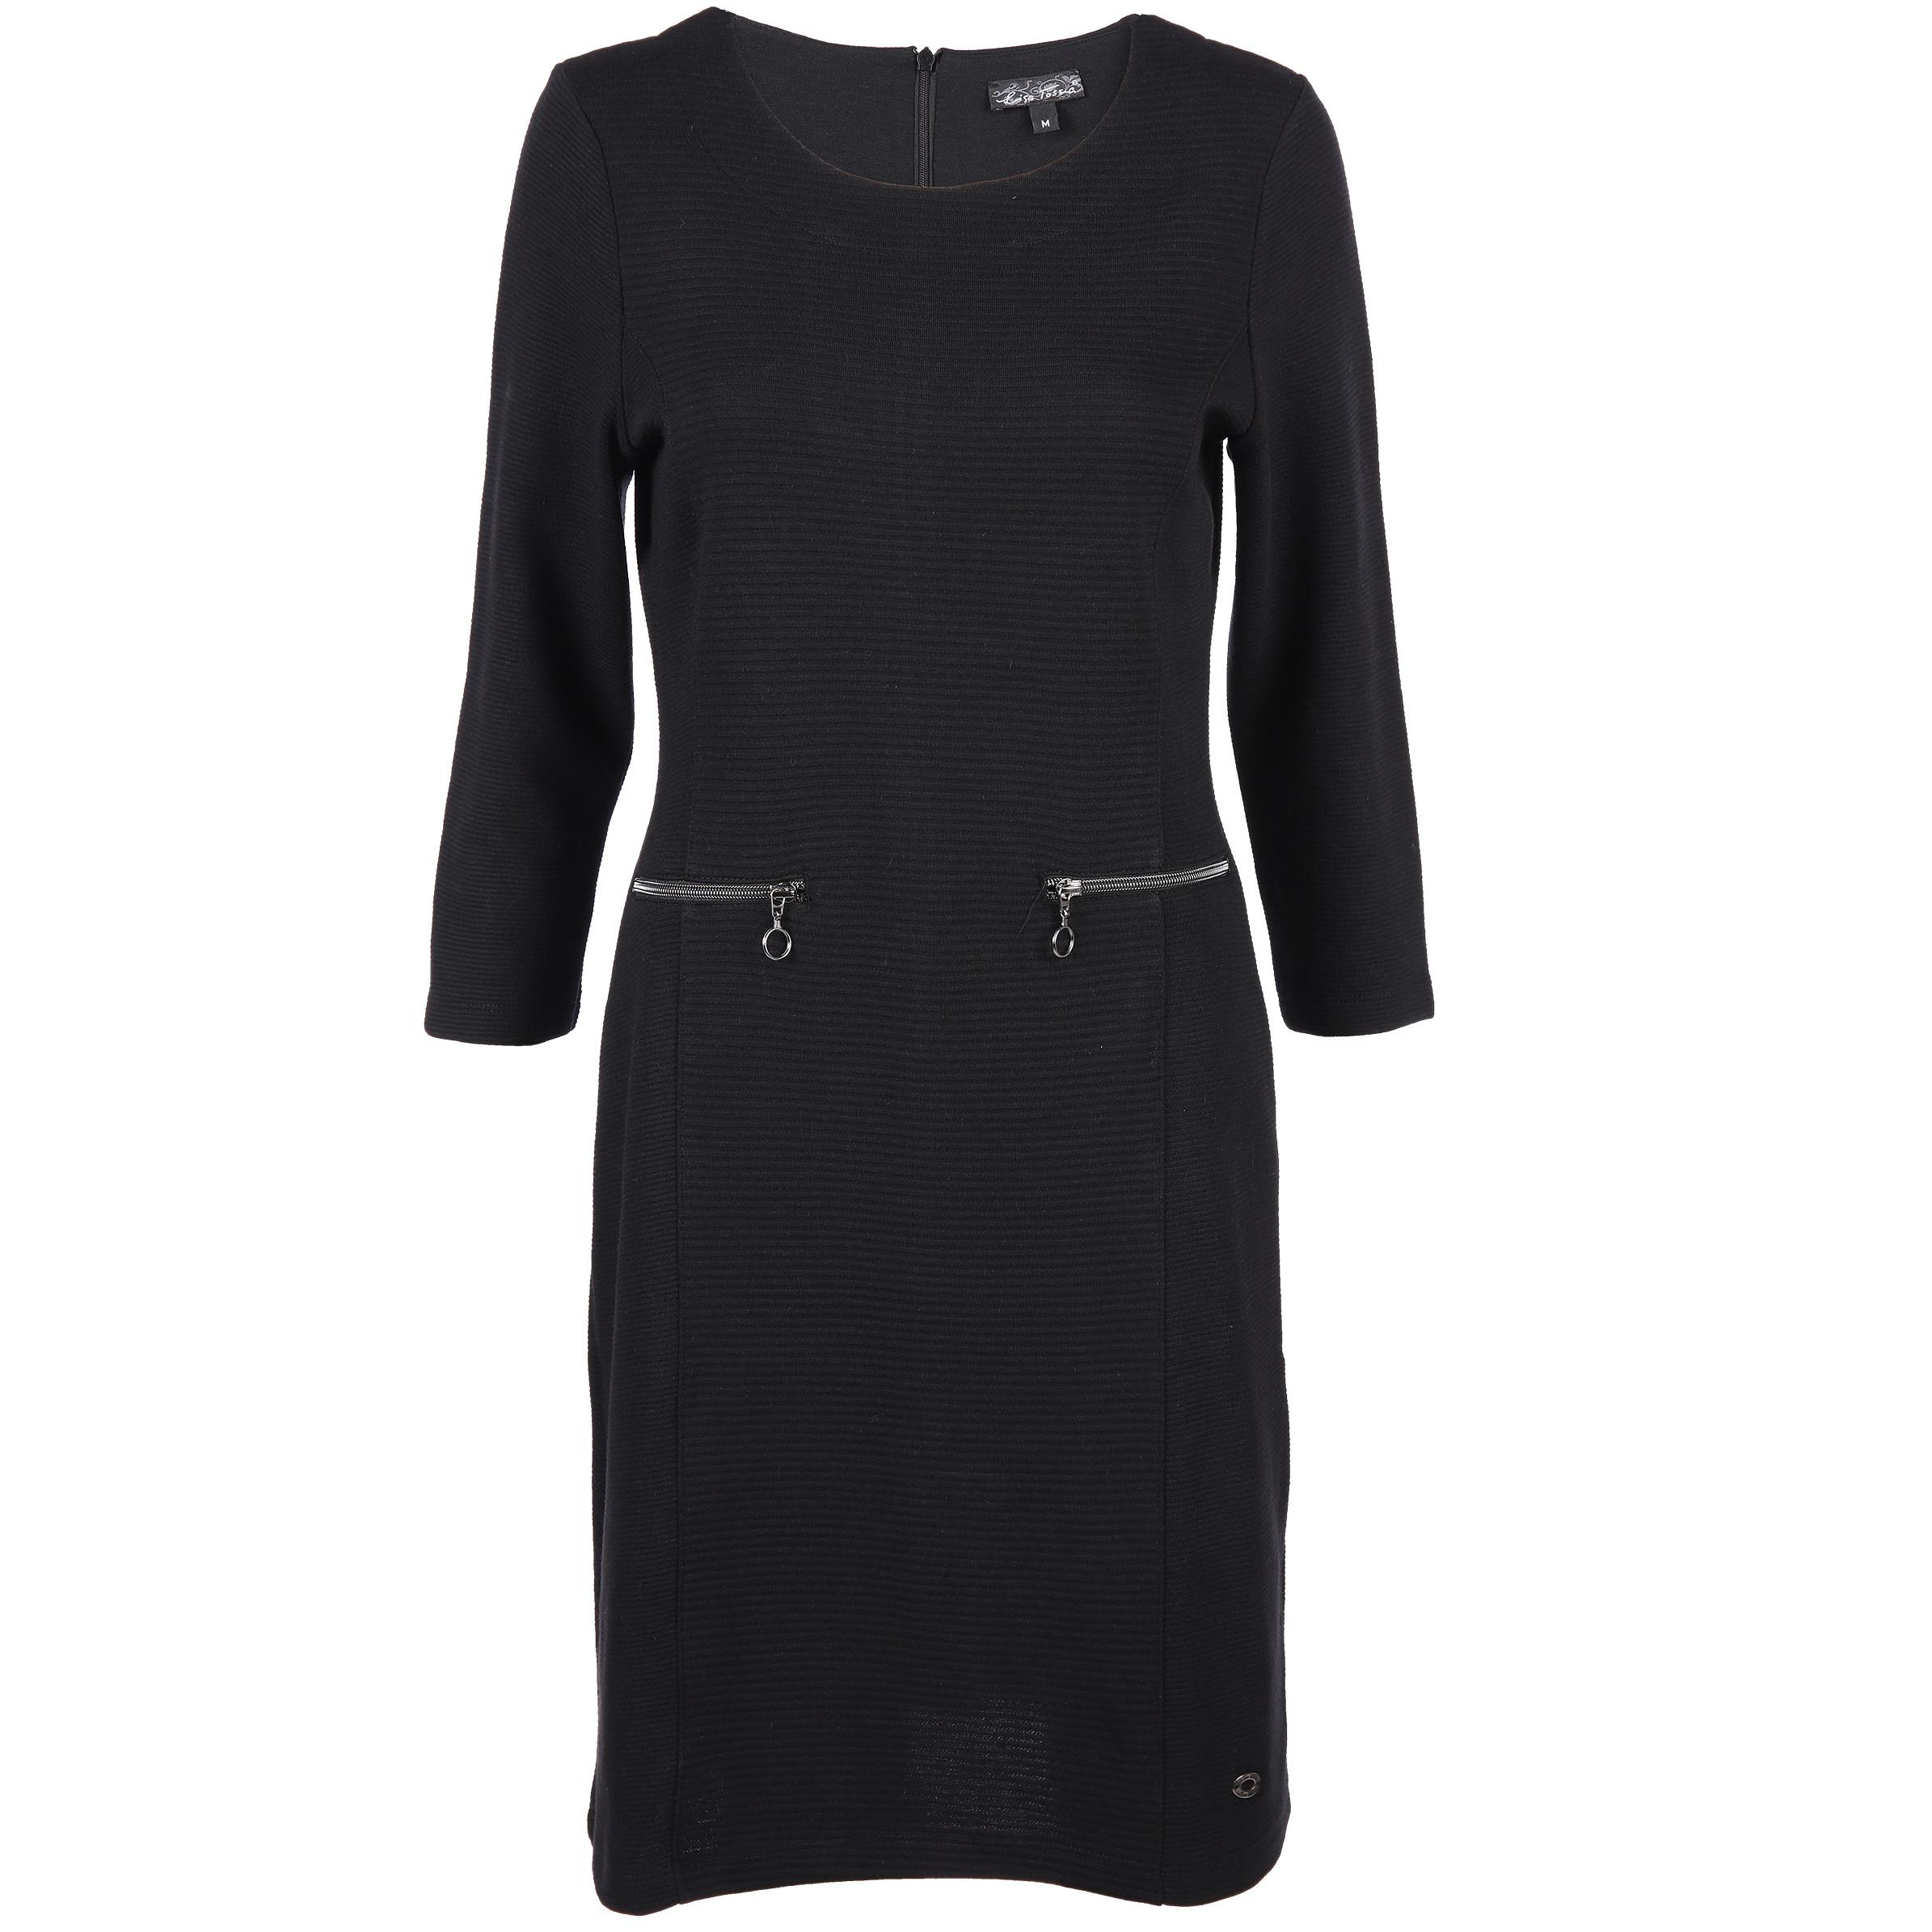 Mode KleiderOverallsamp; Jumpsuits Für Jeden AnlassAwg PuTwkZOXli